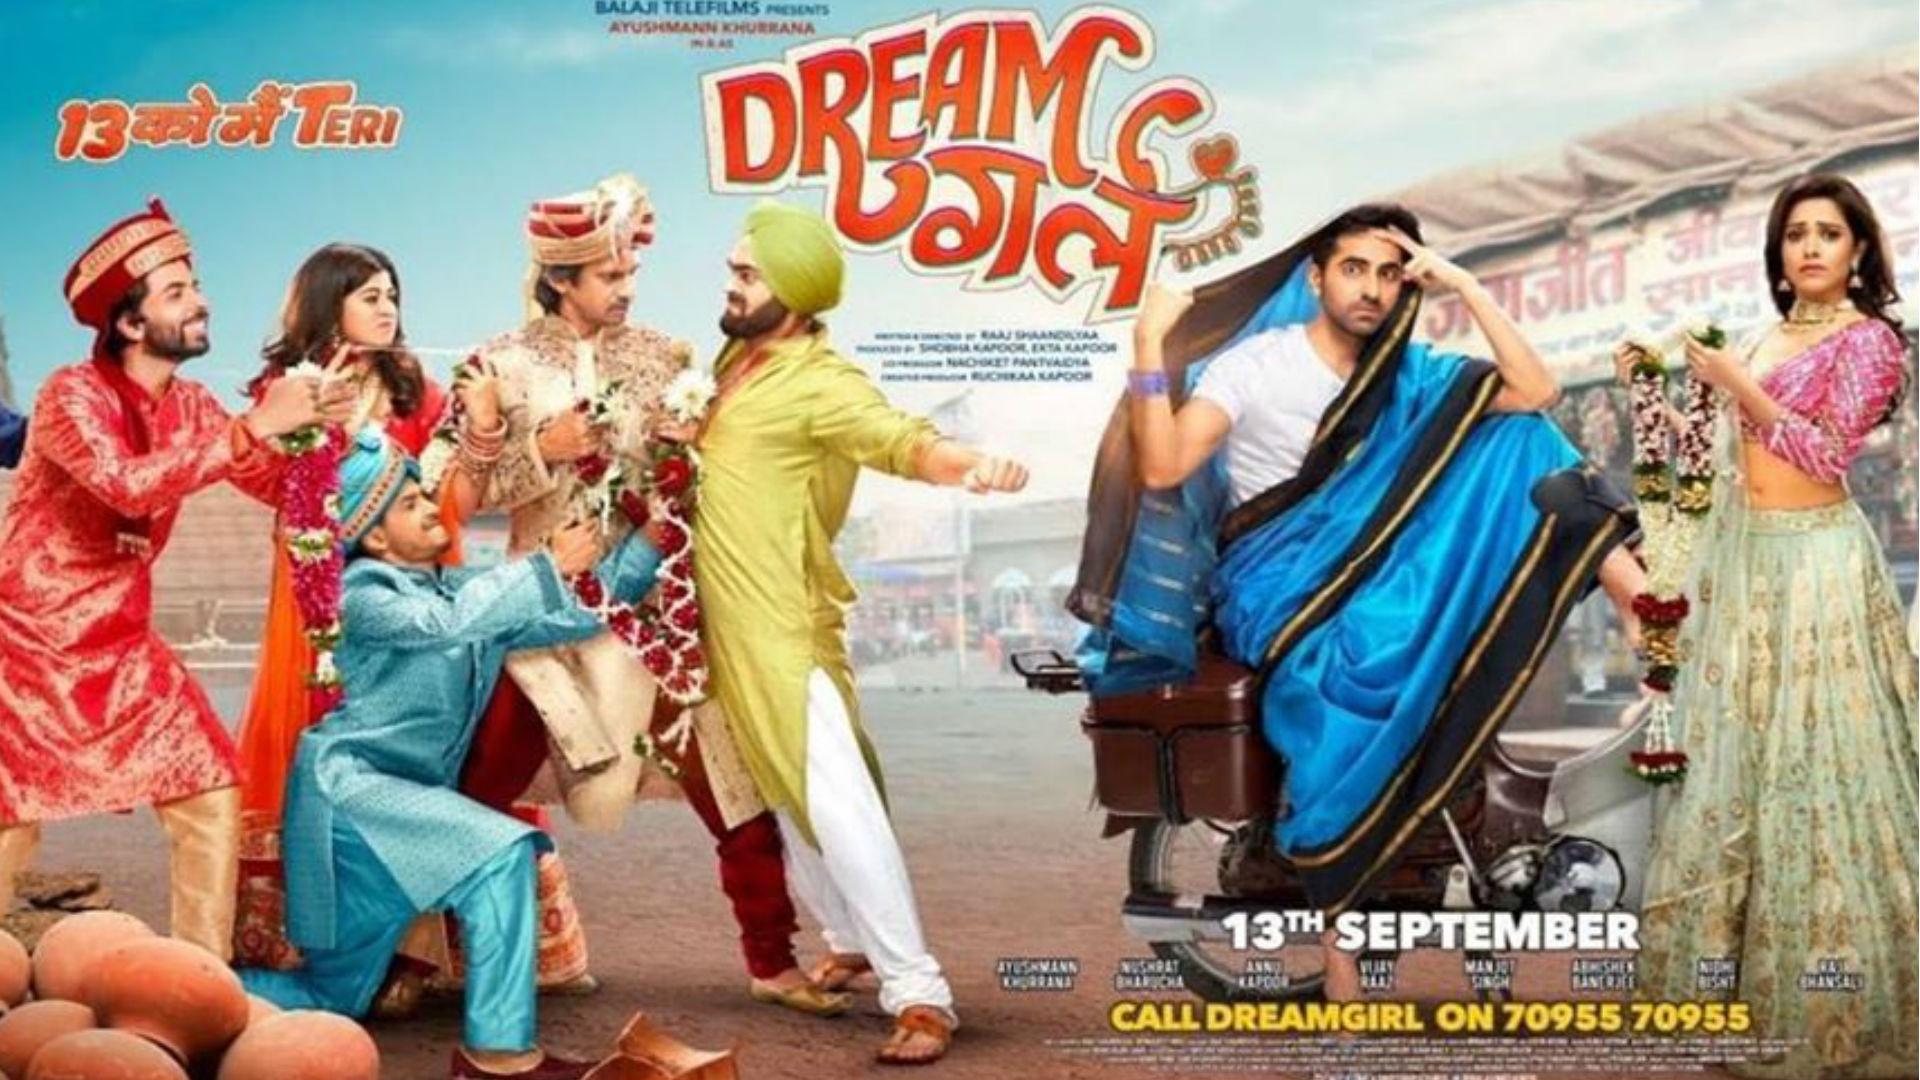 Dream Girl Celeb Review: फिल्मी सितारों को पसंद आया आयुष्मान खुराना का 'पूजा' अवतार, मिल रही खूब बधाई